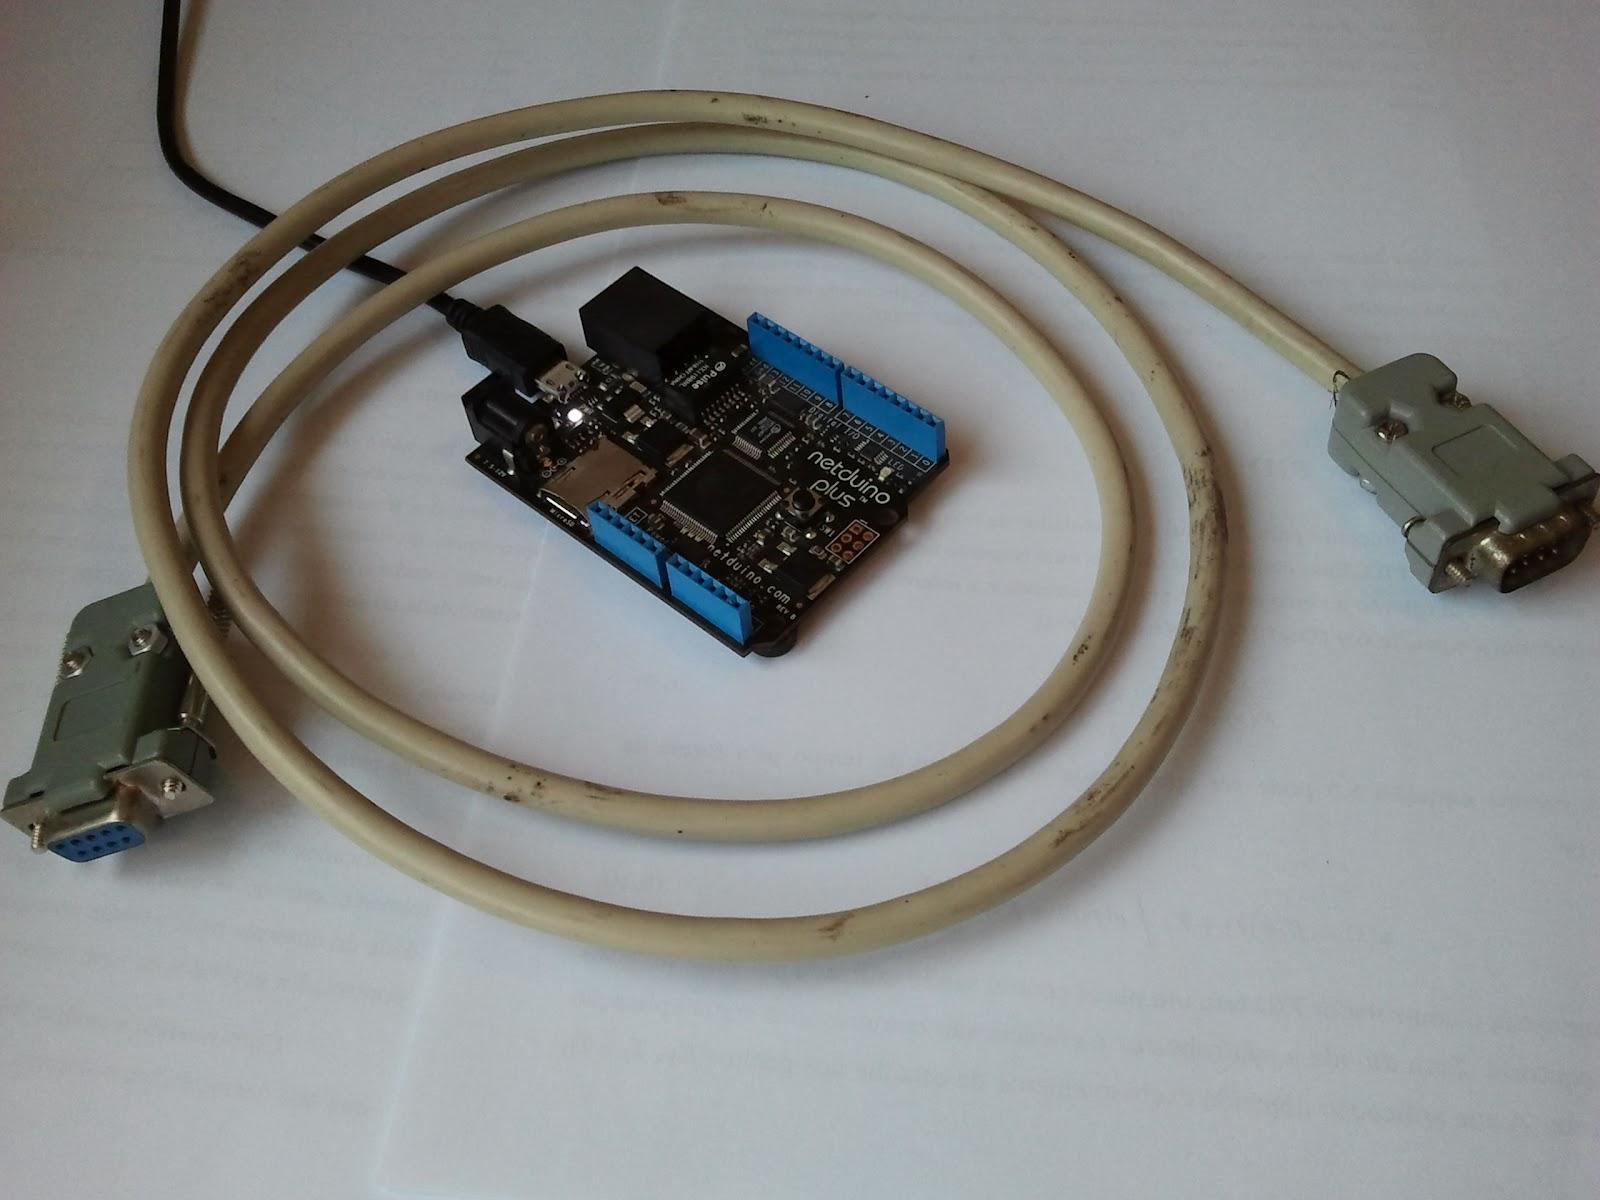 rs232 con Netduino « Soloelectronicos